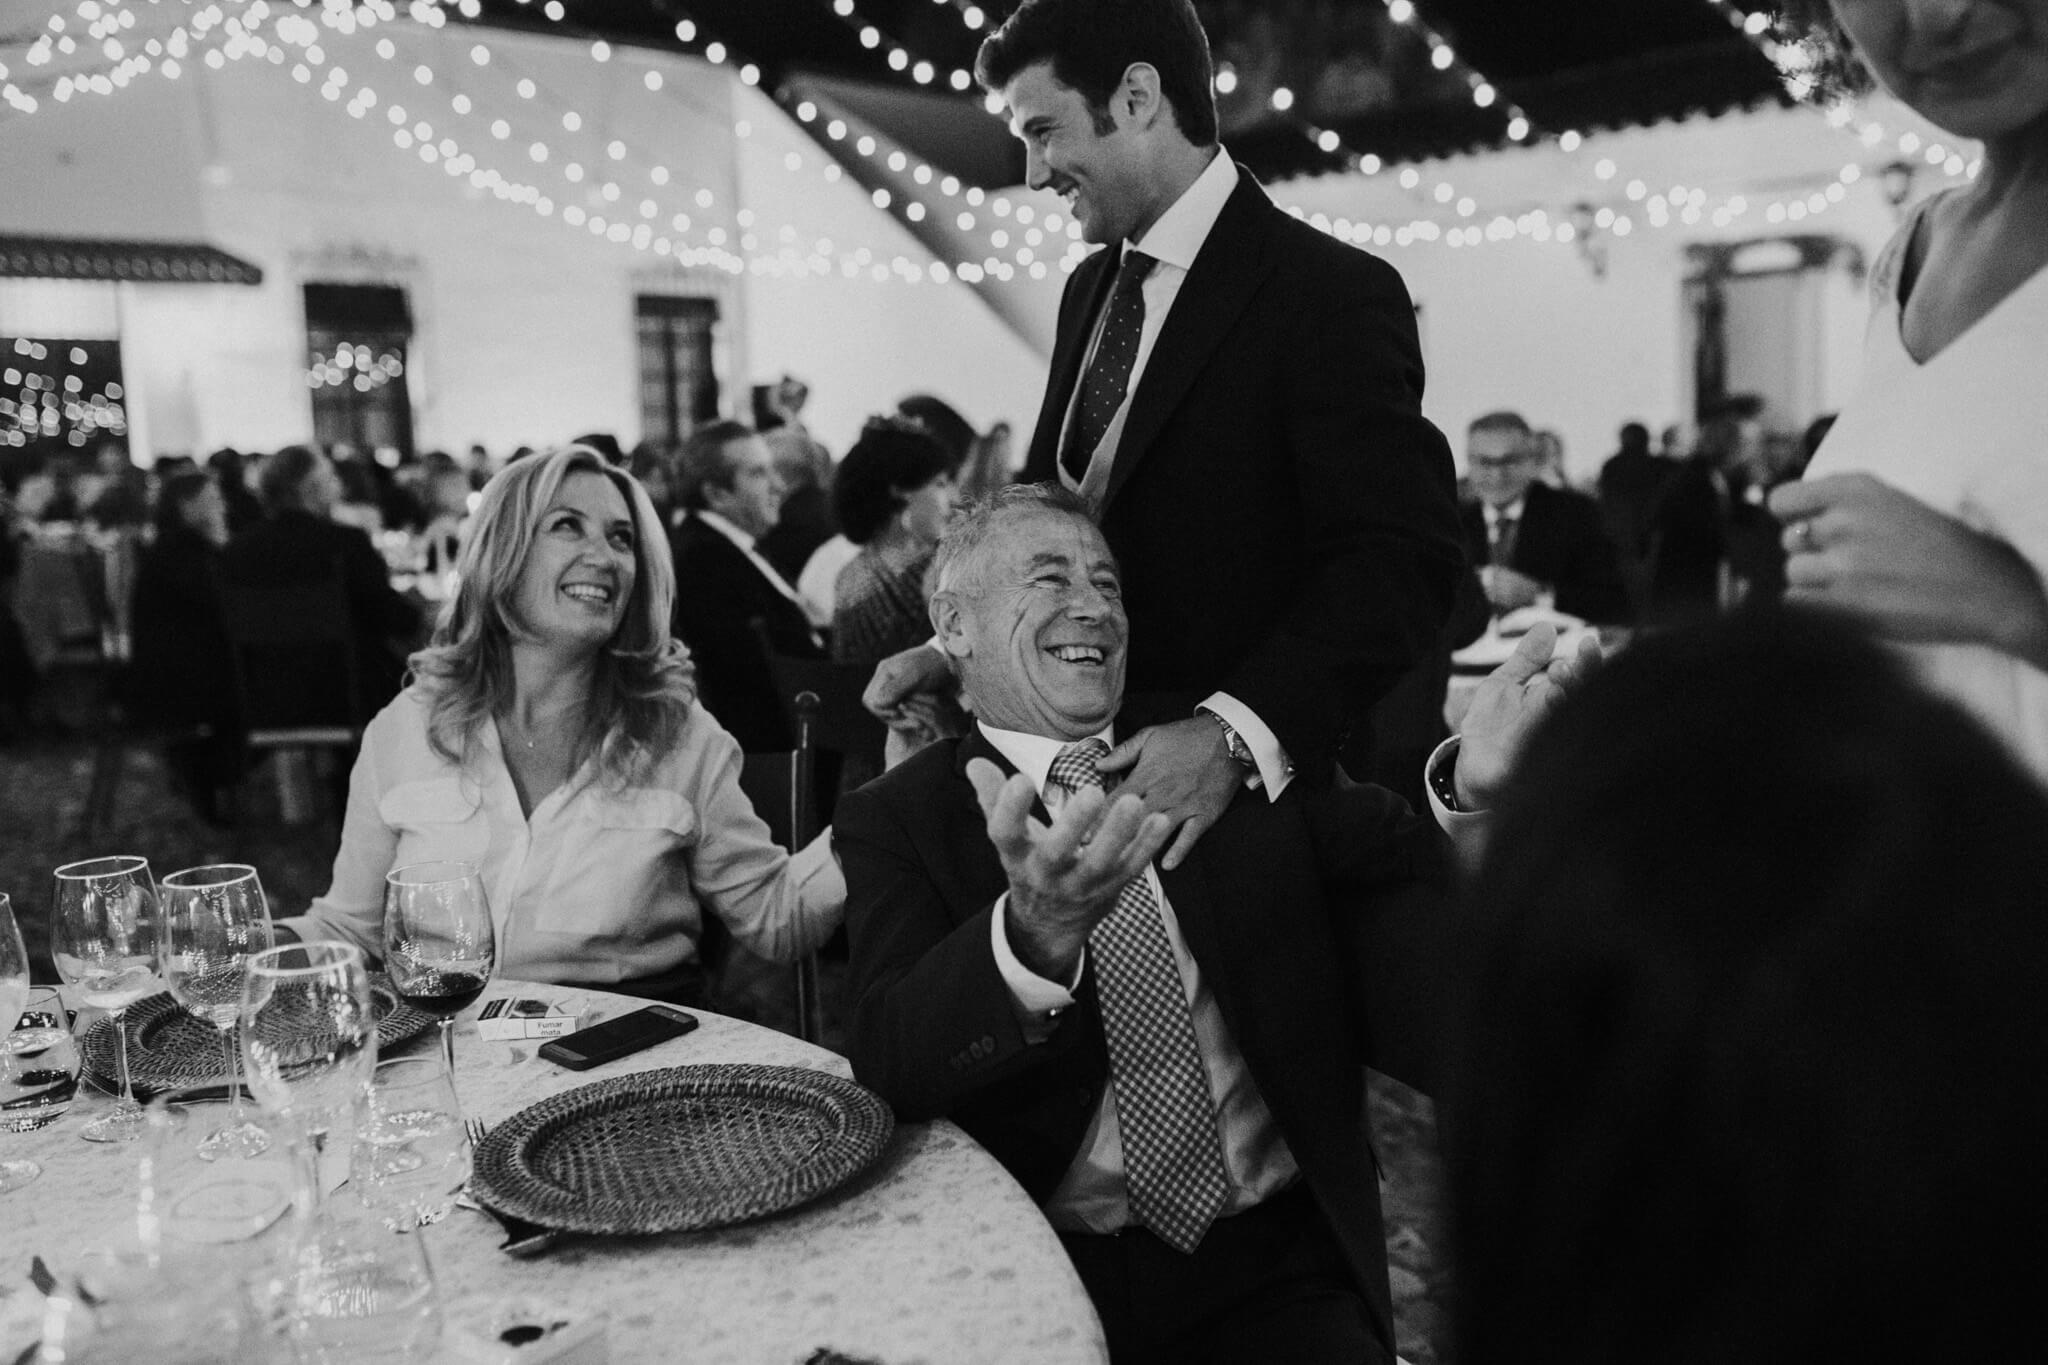 fotografia-boda-marta-carlos-concorazon-152